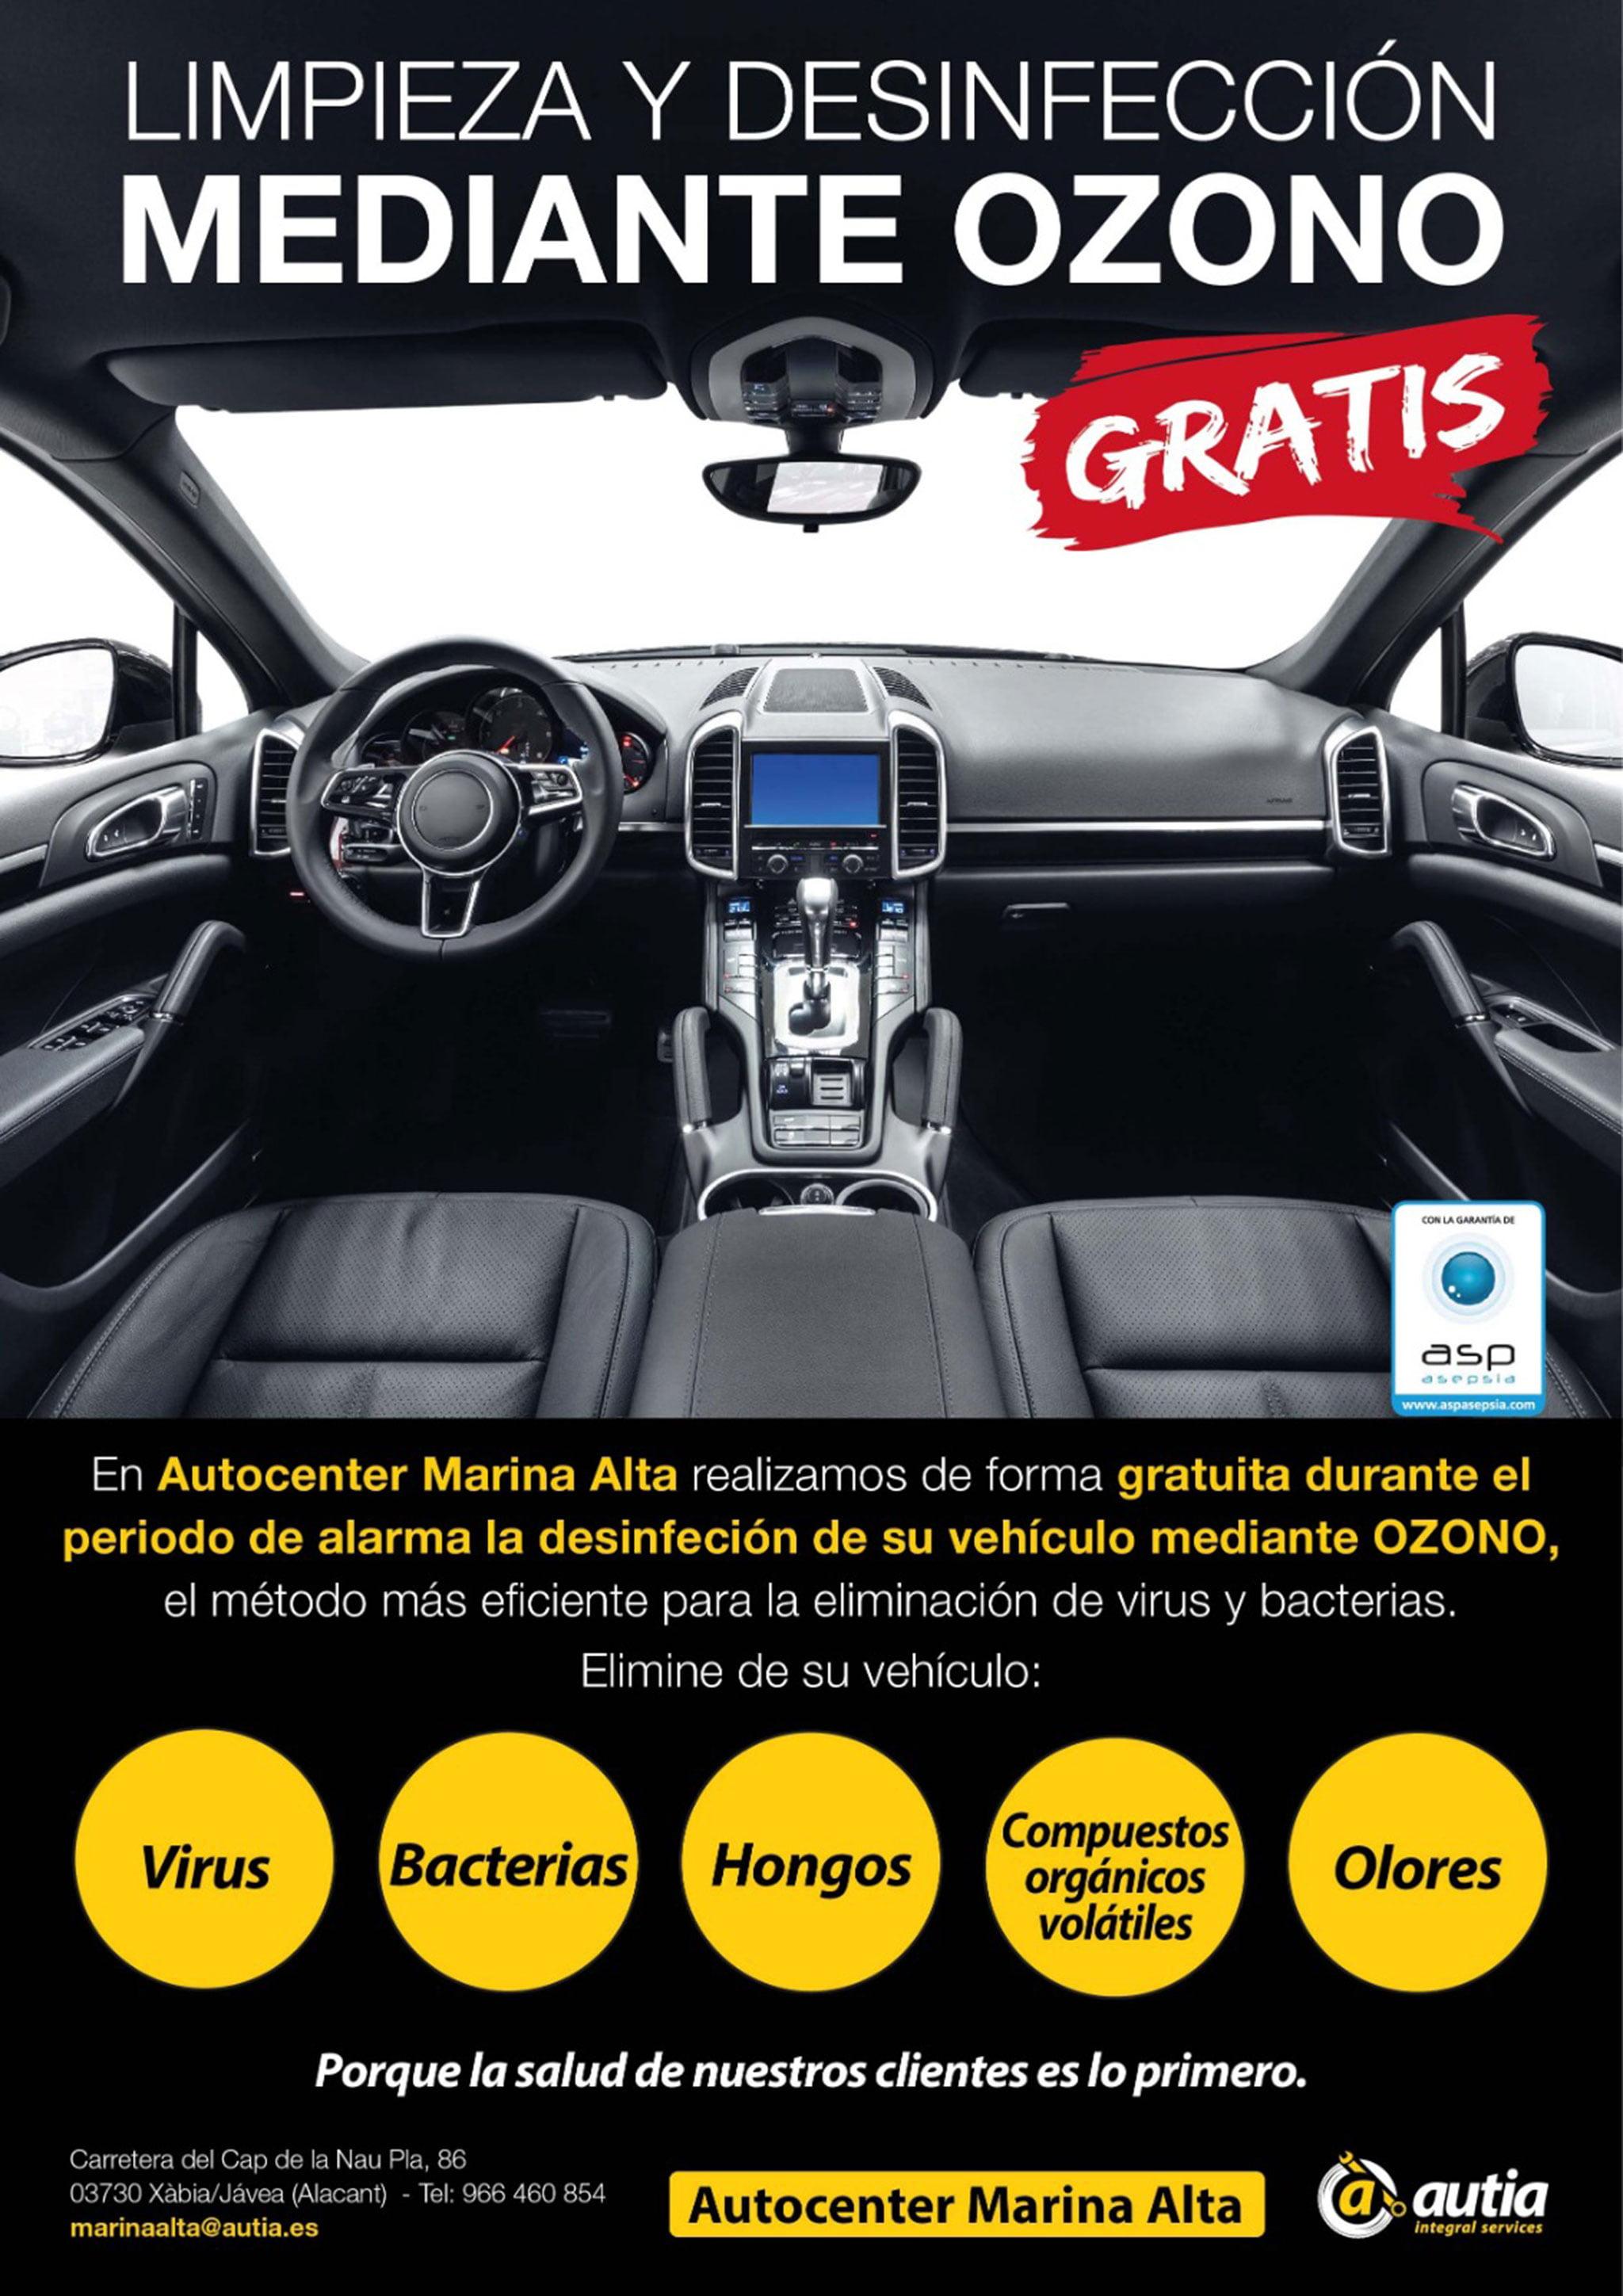 Cartel anunciador de desinfección gratuita – Autocenter